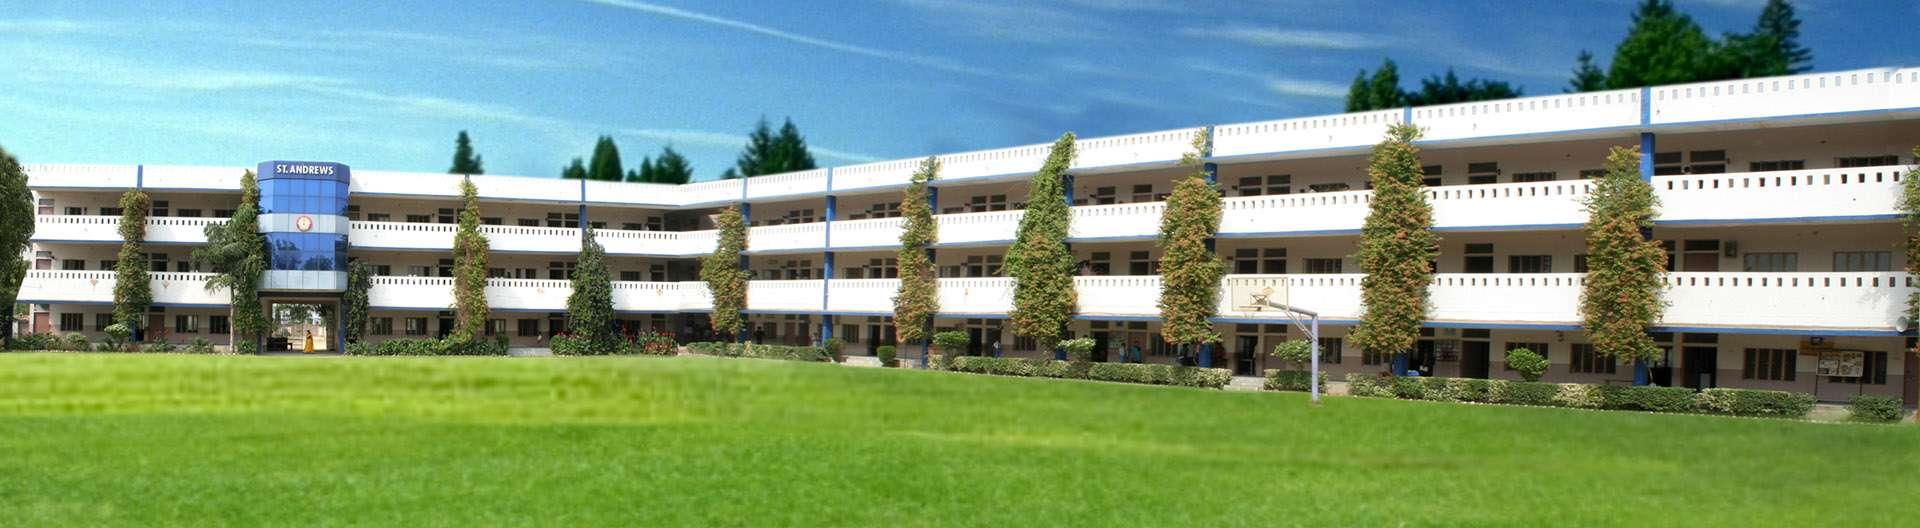 ST C F ANDREWS SCHOOL PIPLIPOKHAR HATRAS ROAD AGRA 2130912